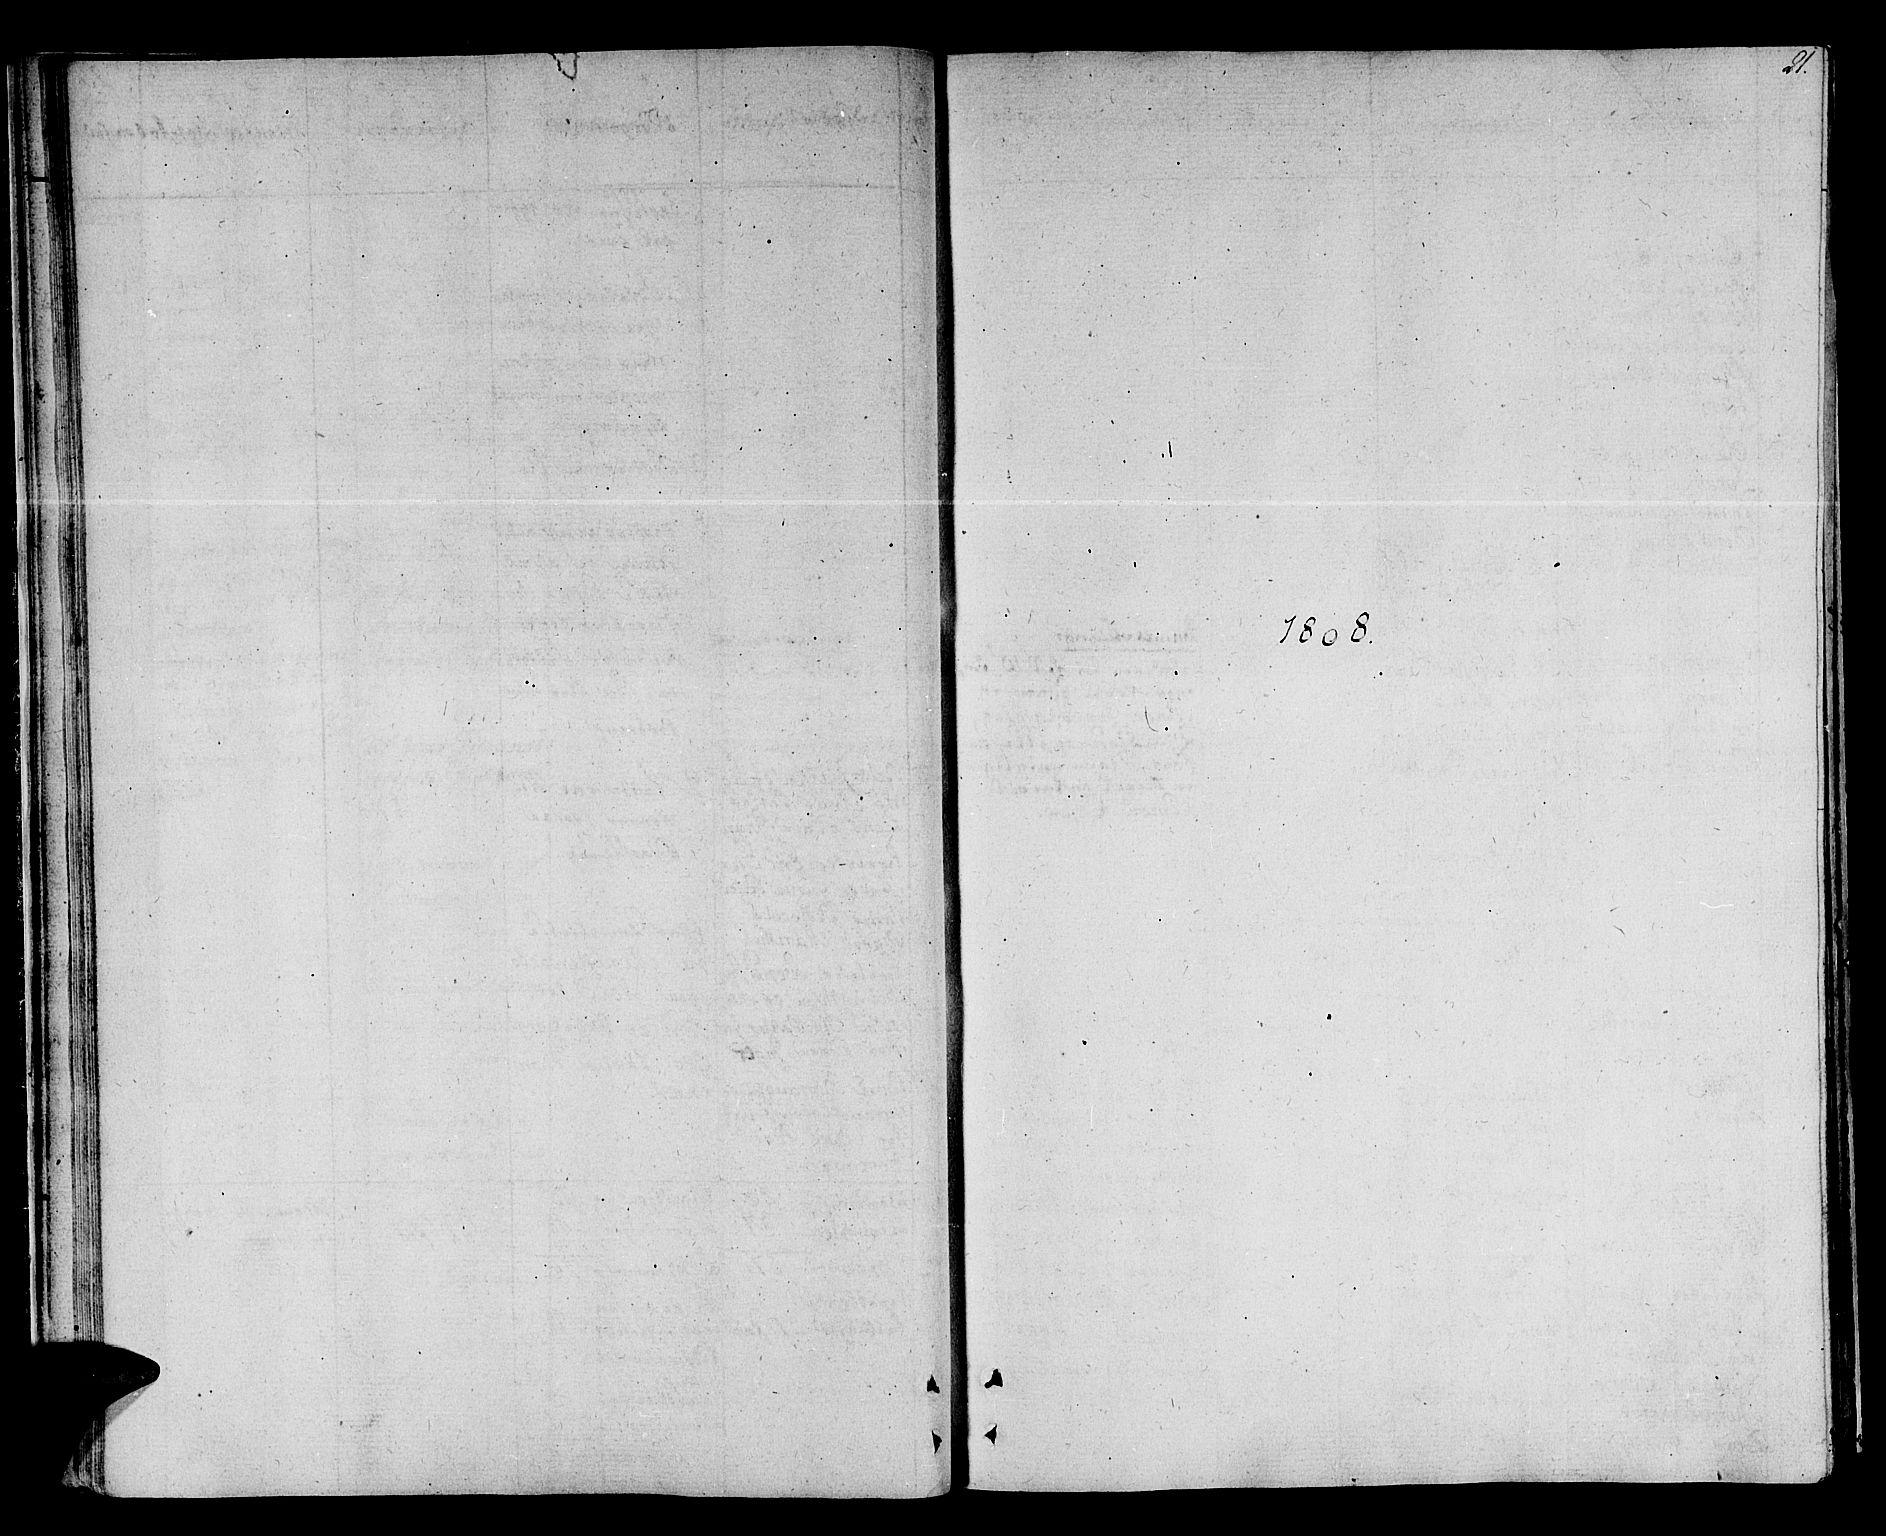 SAT, Ministerialprotokoller, klokkerbøker og fødselsregistre - Sør-Trøndelag, 678/L0894: Ministerialbok nr. 678A04, 1806-1815, s. 21